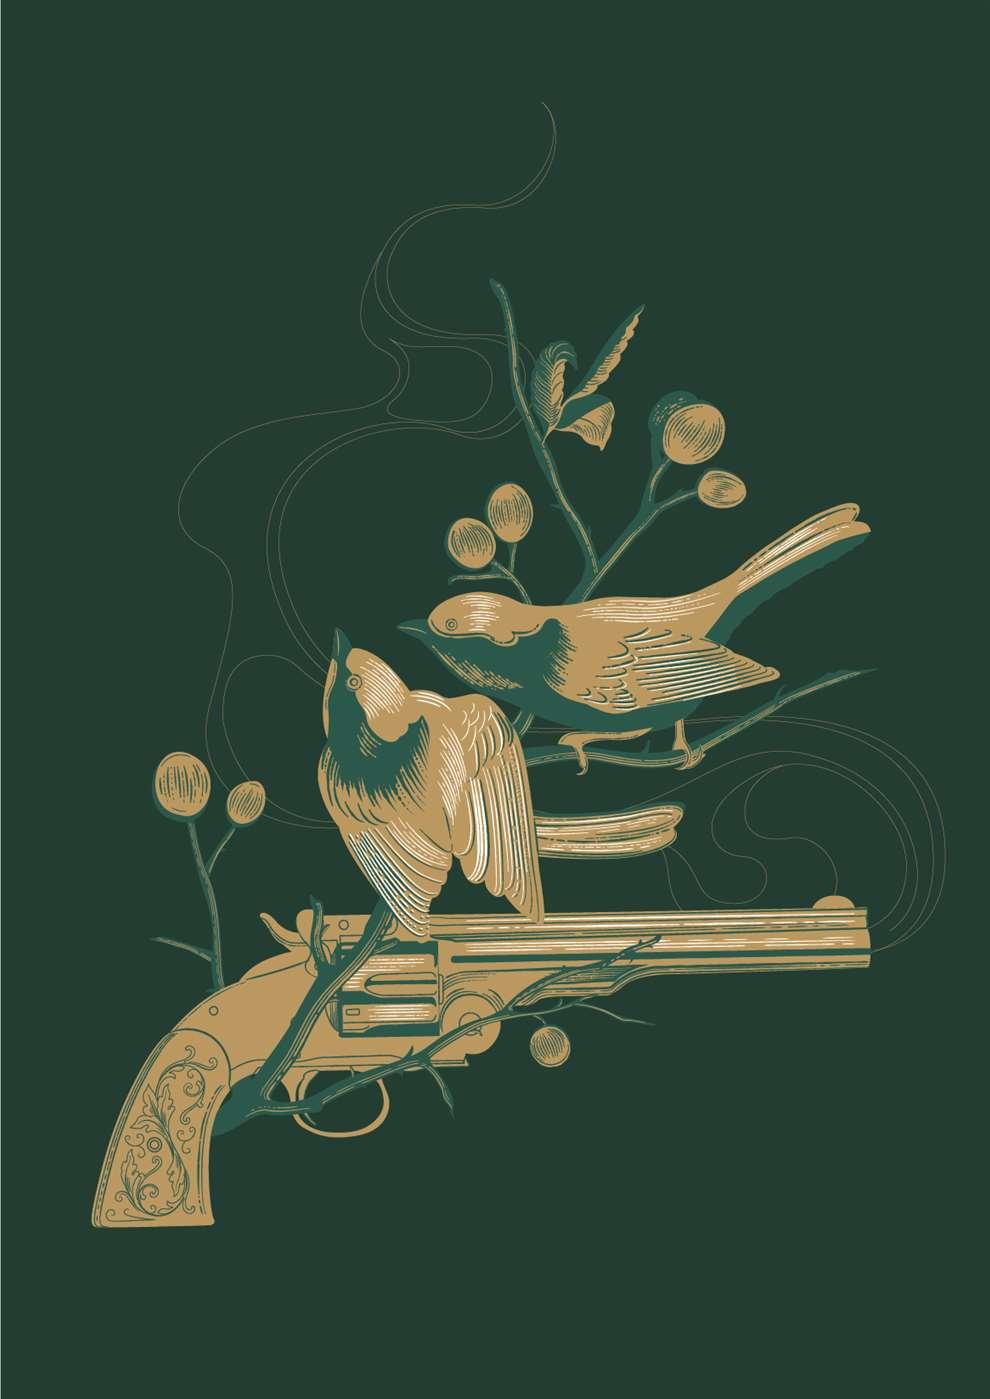 Susan Burghart, Line drawing, bird and gun, botanical, vector.